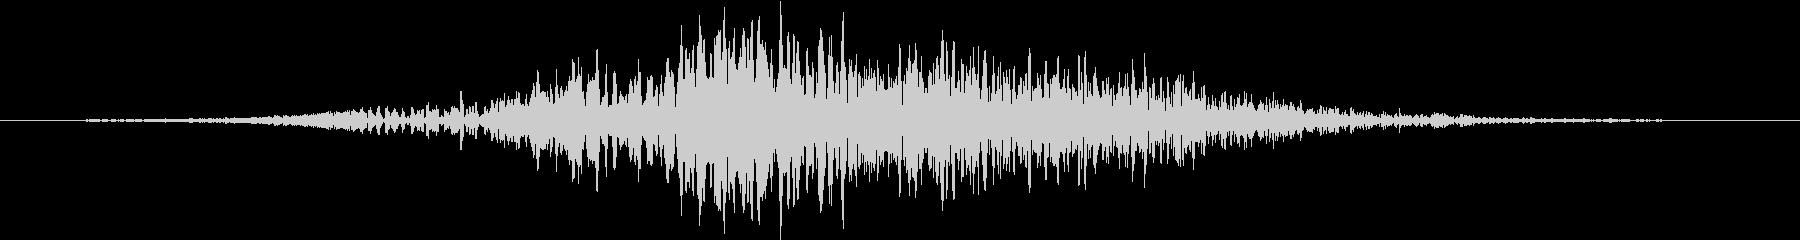 スモールスタジオオーディエンス、カ...の未再生の波形